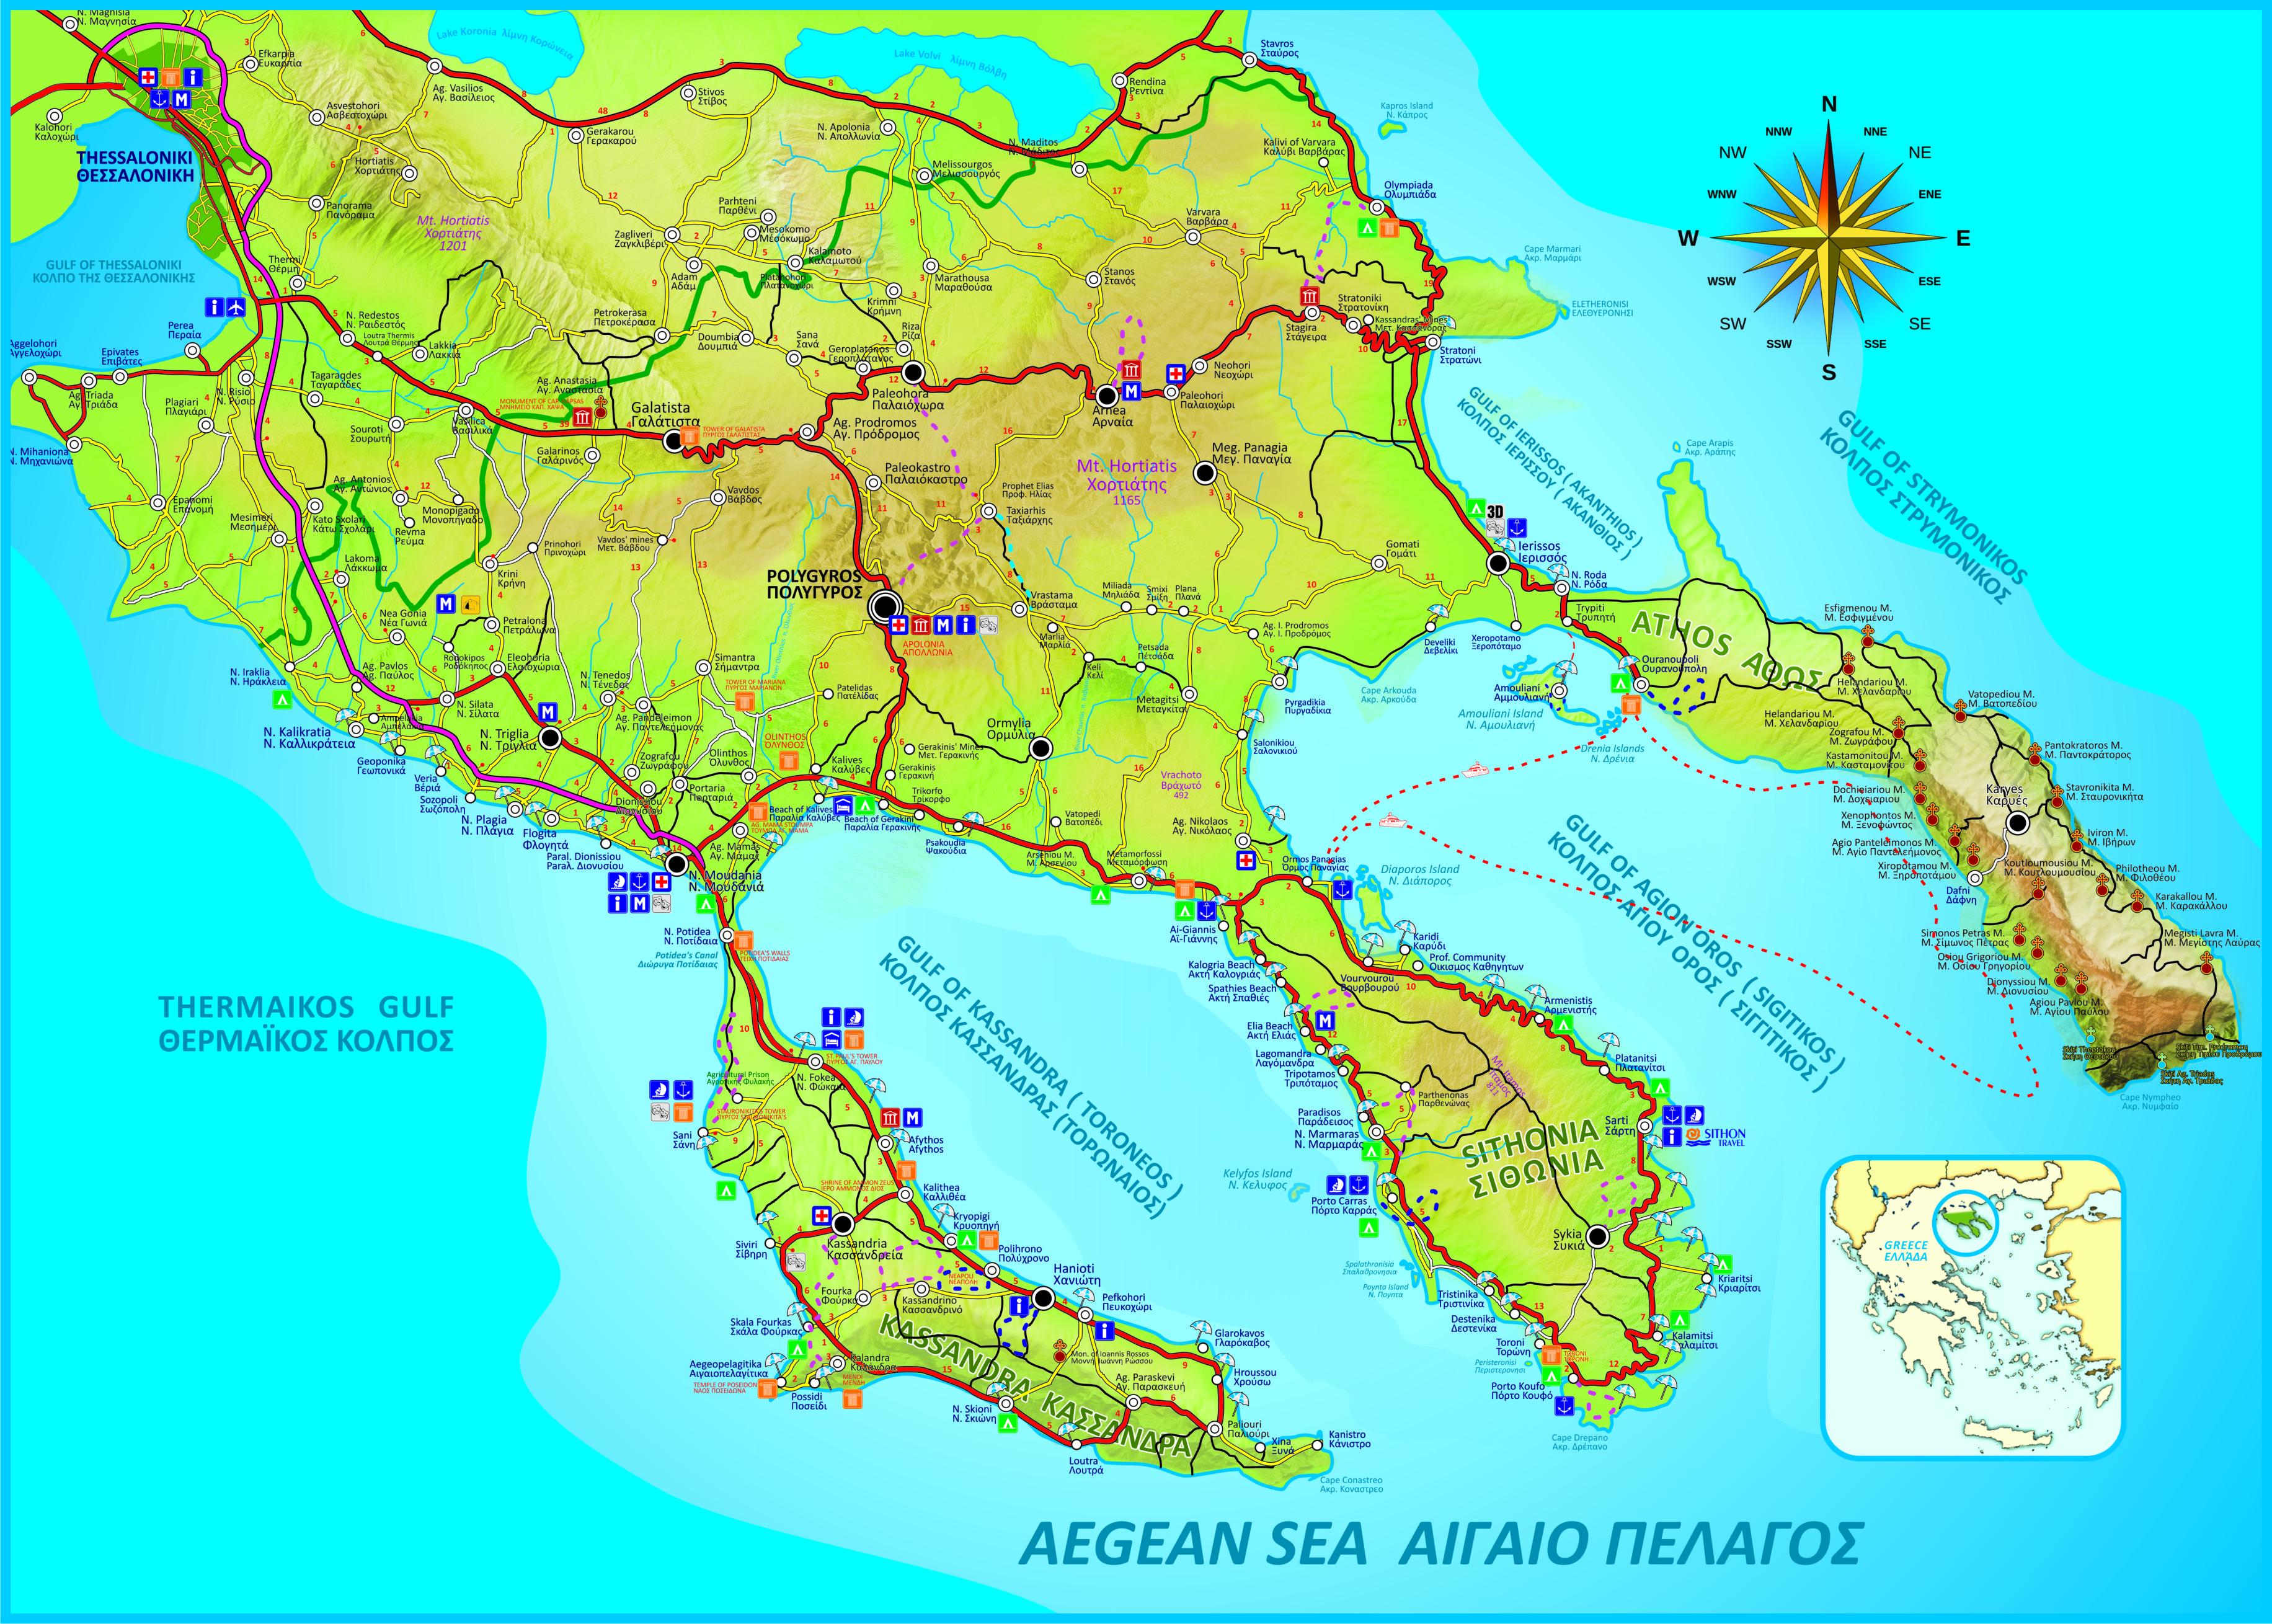 Sarti Halkidiki Maps Sithonia Beaches Map Mount Athos Map